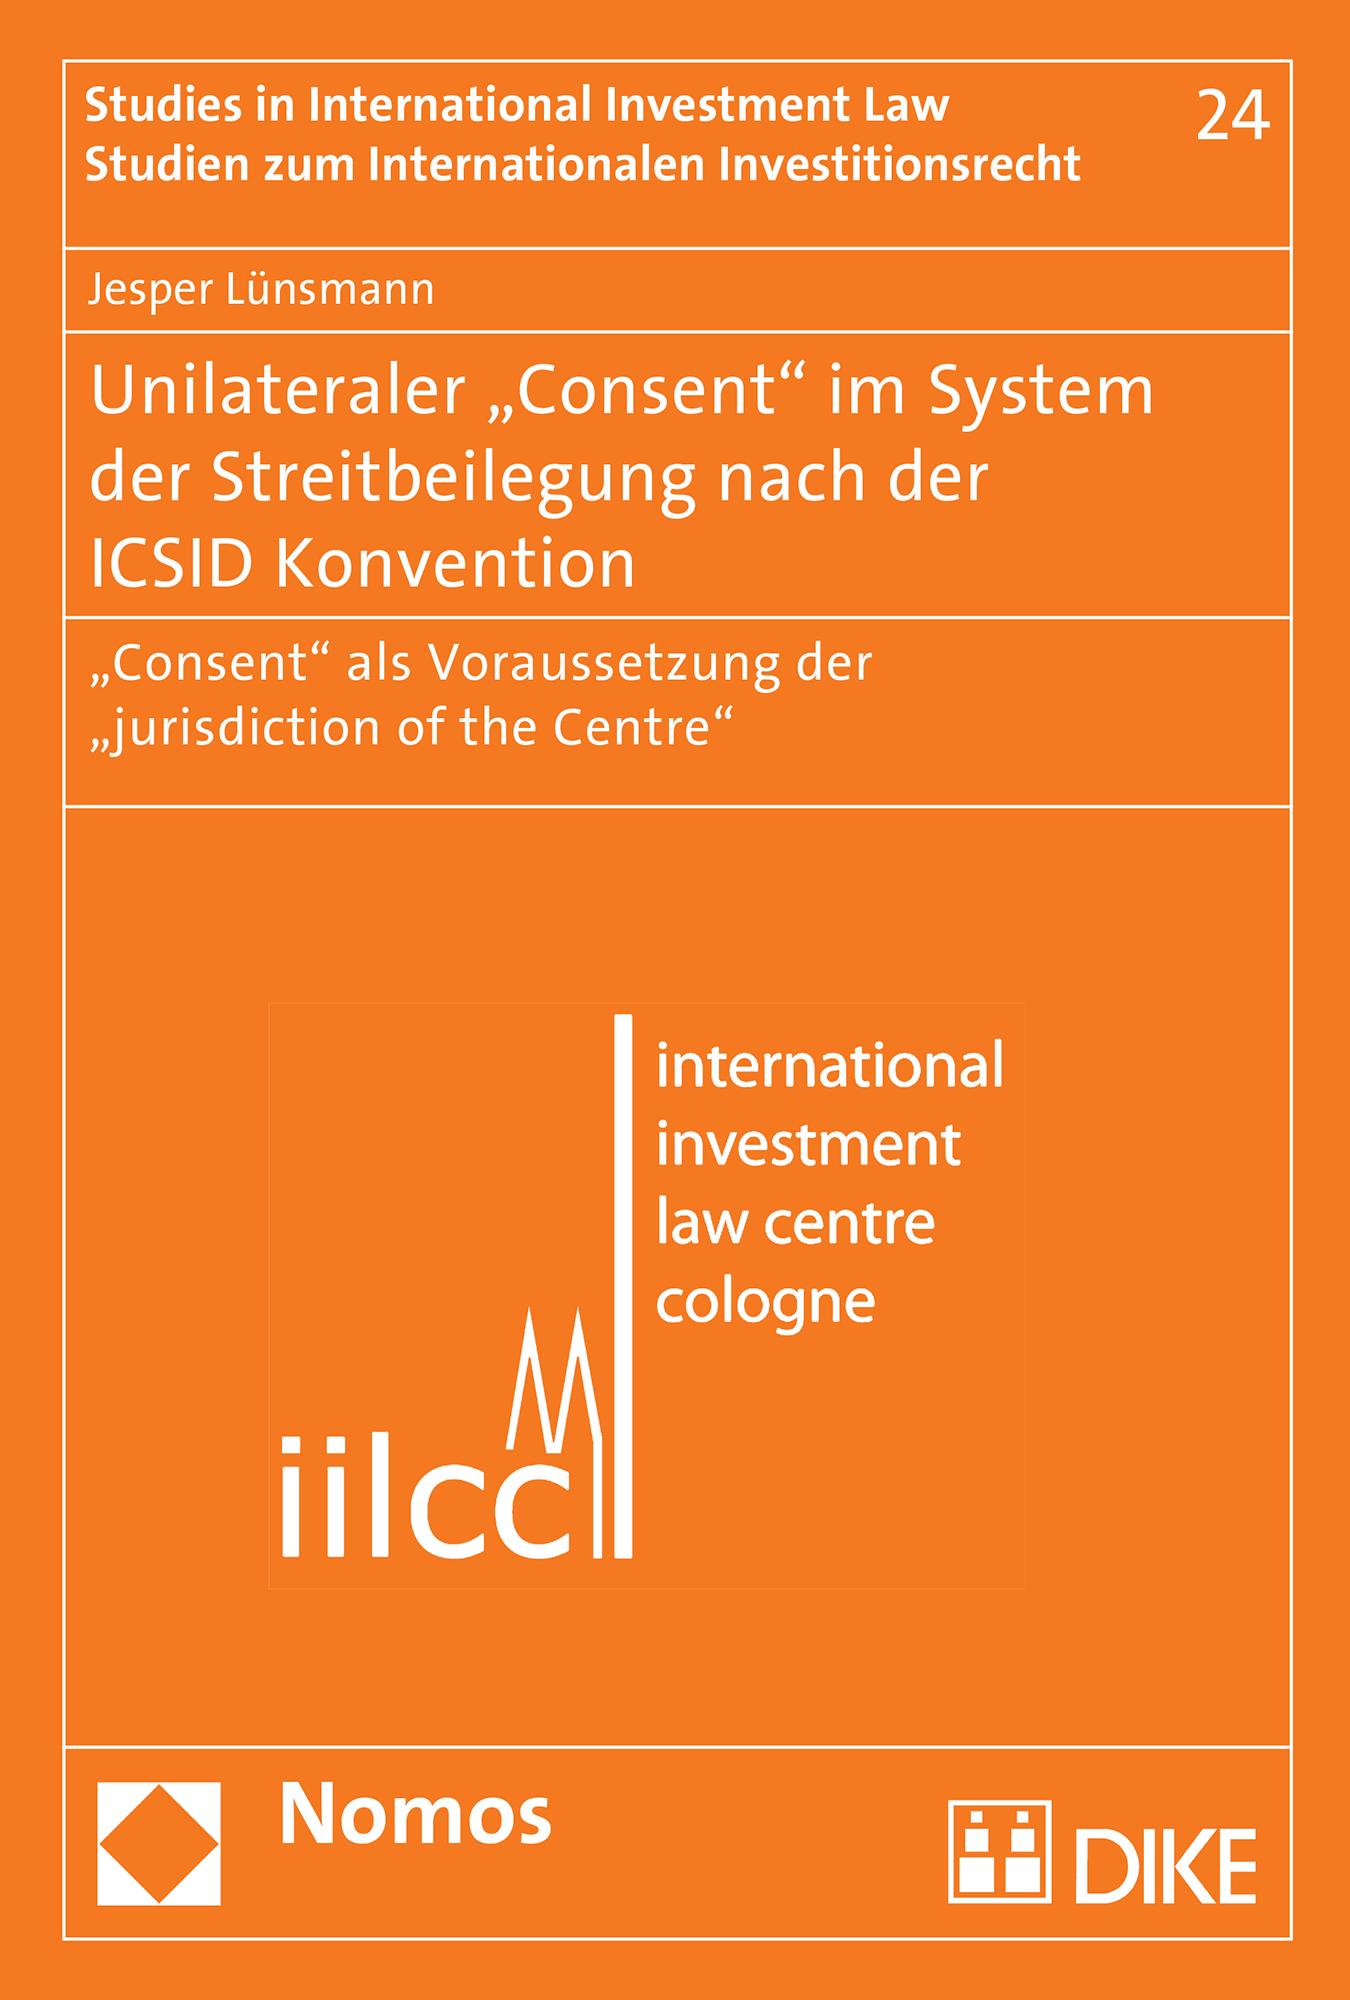 """Unilateraler """"Consent"""" im System der Streitbeilegung nach der ICSID Konvention"""